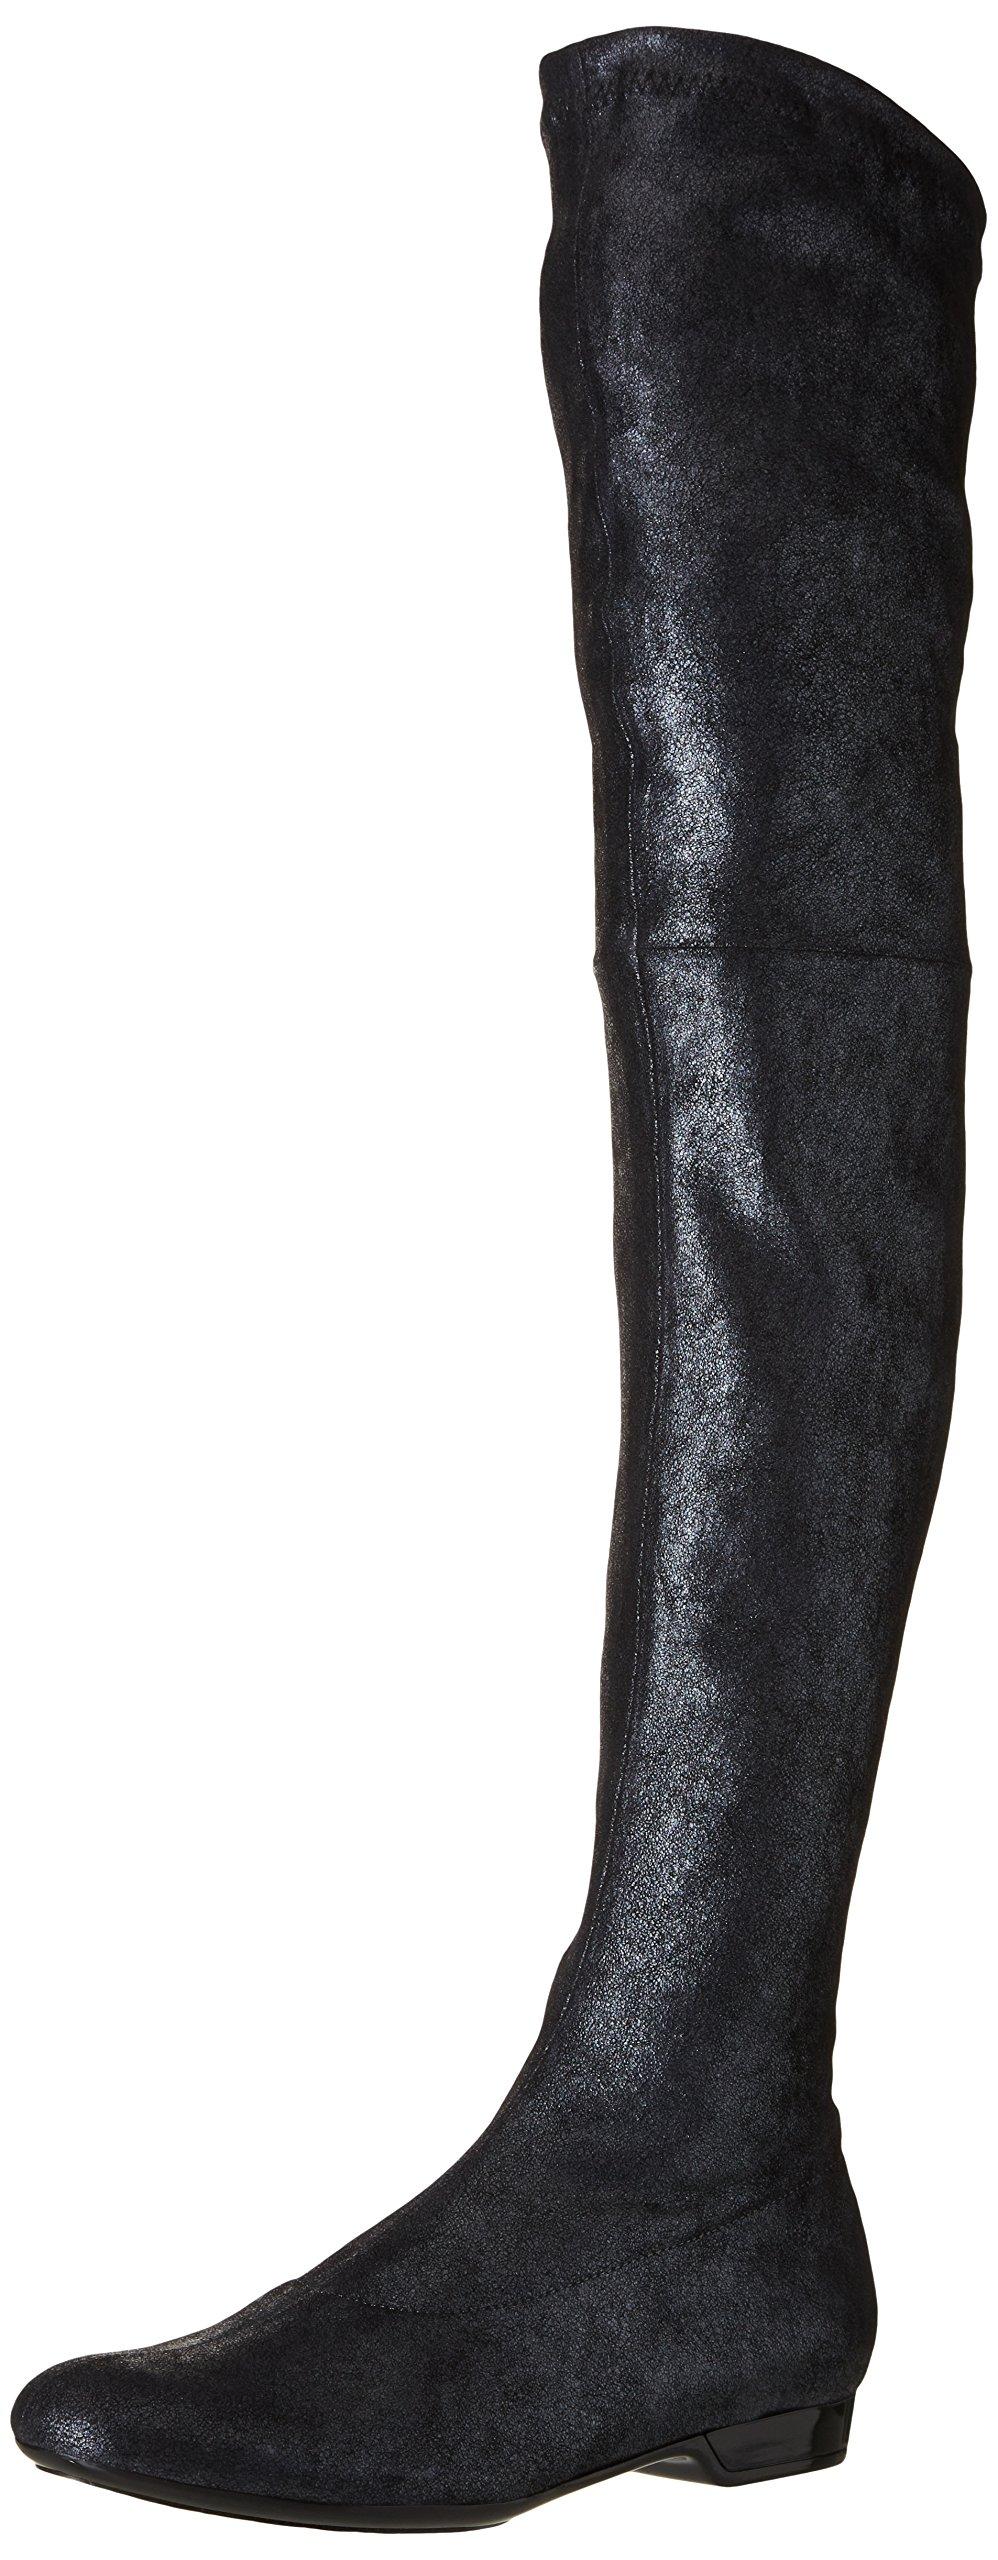 Clergerie Classiques Silver 7139 FemmeArgentmetal 5 Bottes Robert Fetel Eu w8n0OPk